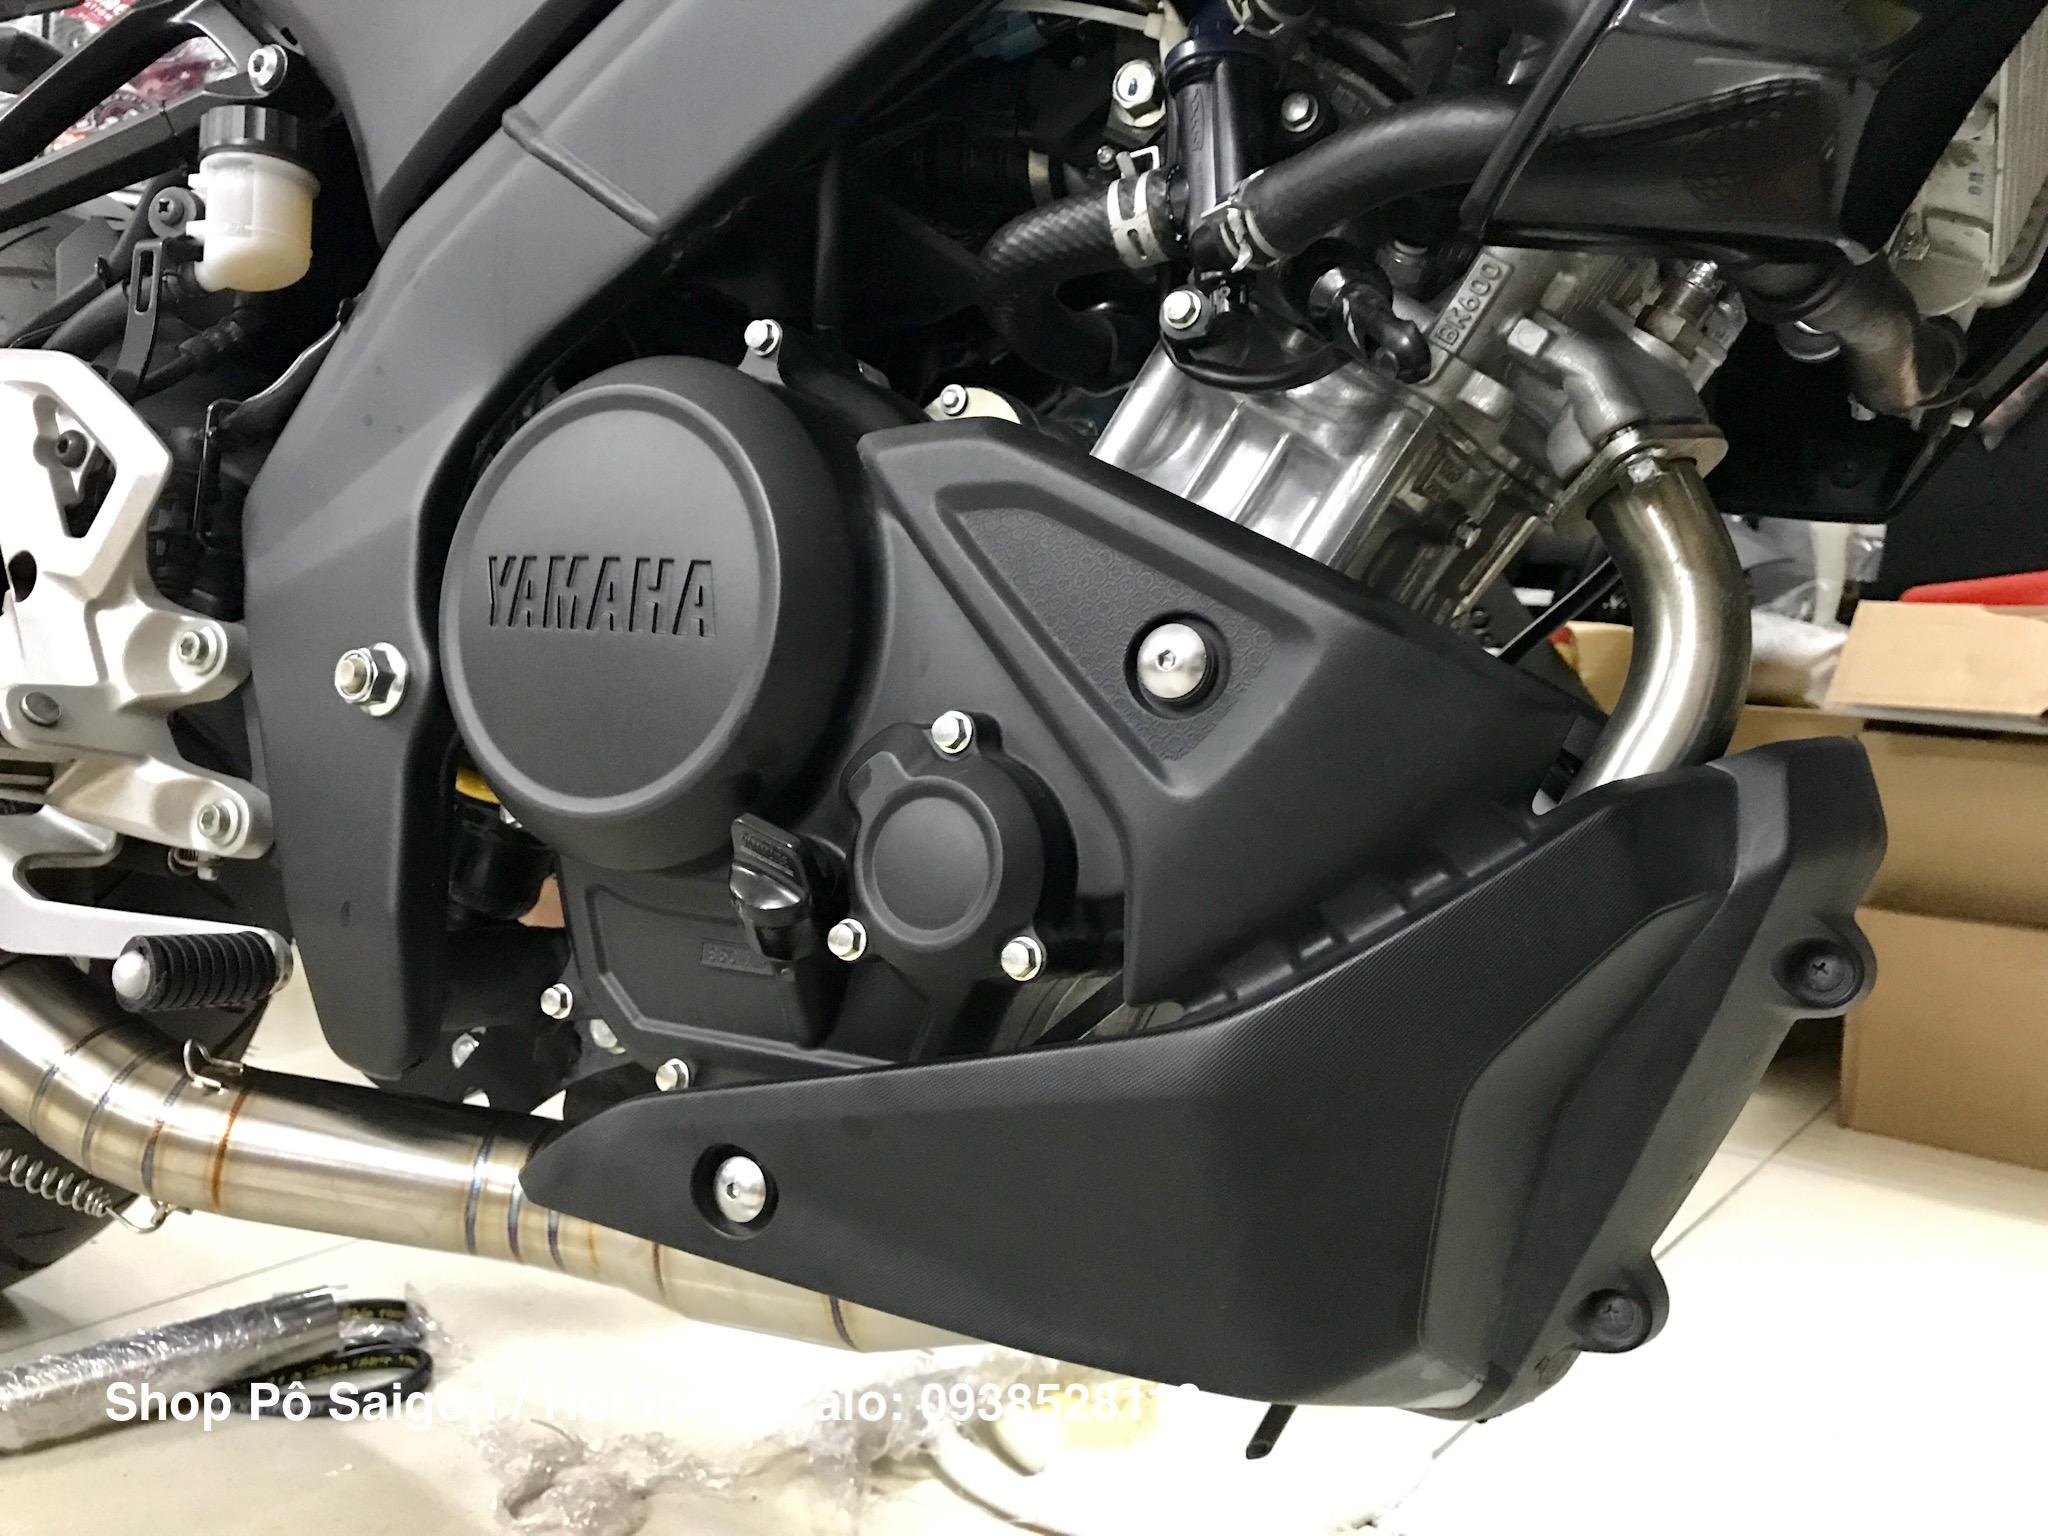 Yamaha MT15 độ pô Yoshimura R77 carbon cổ pô inox 304 ốp viền mí mắt mt09